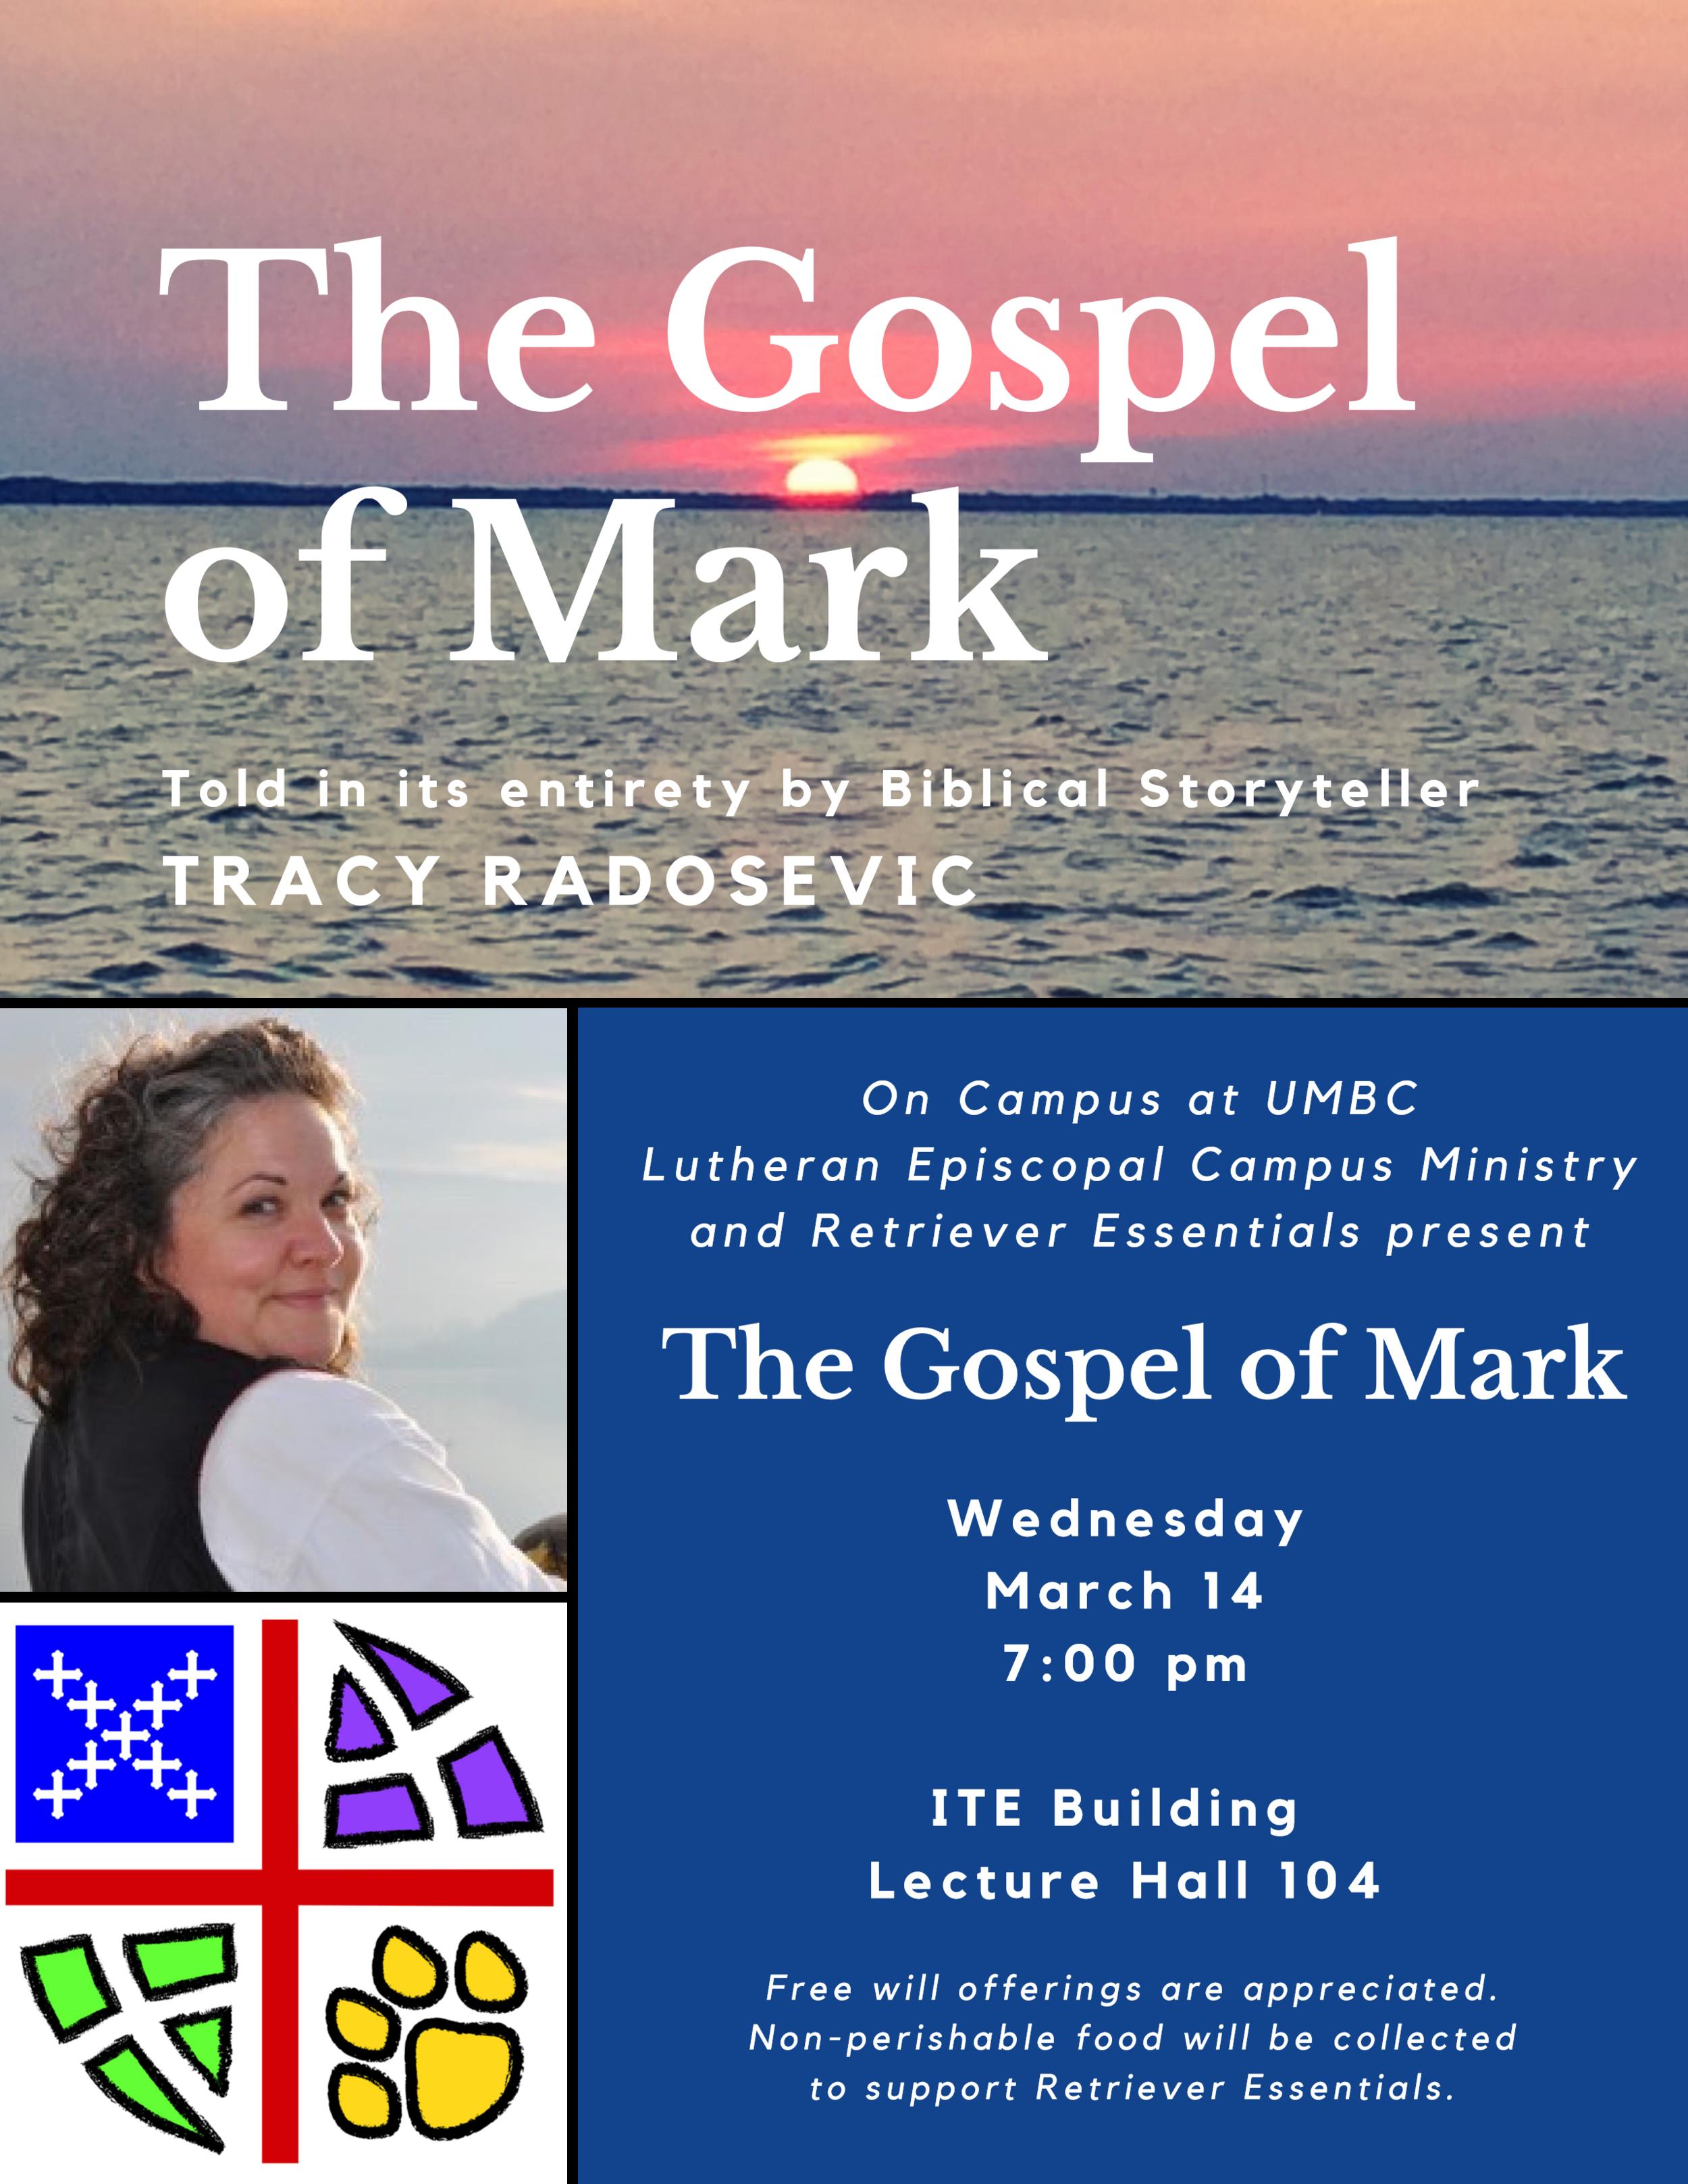 Gospel of markUMBC.jpg.png